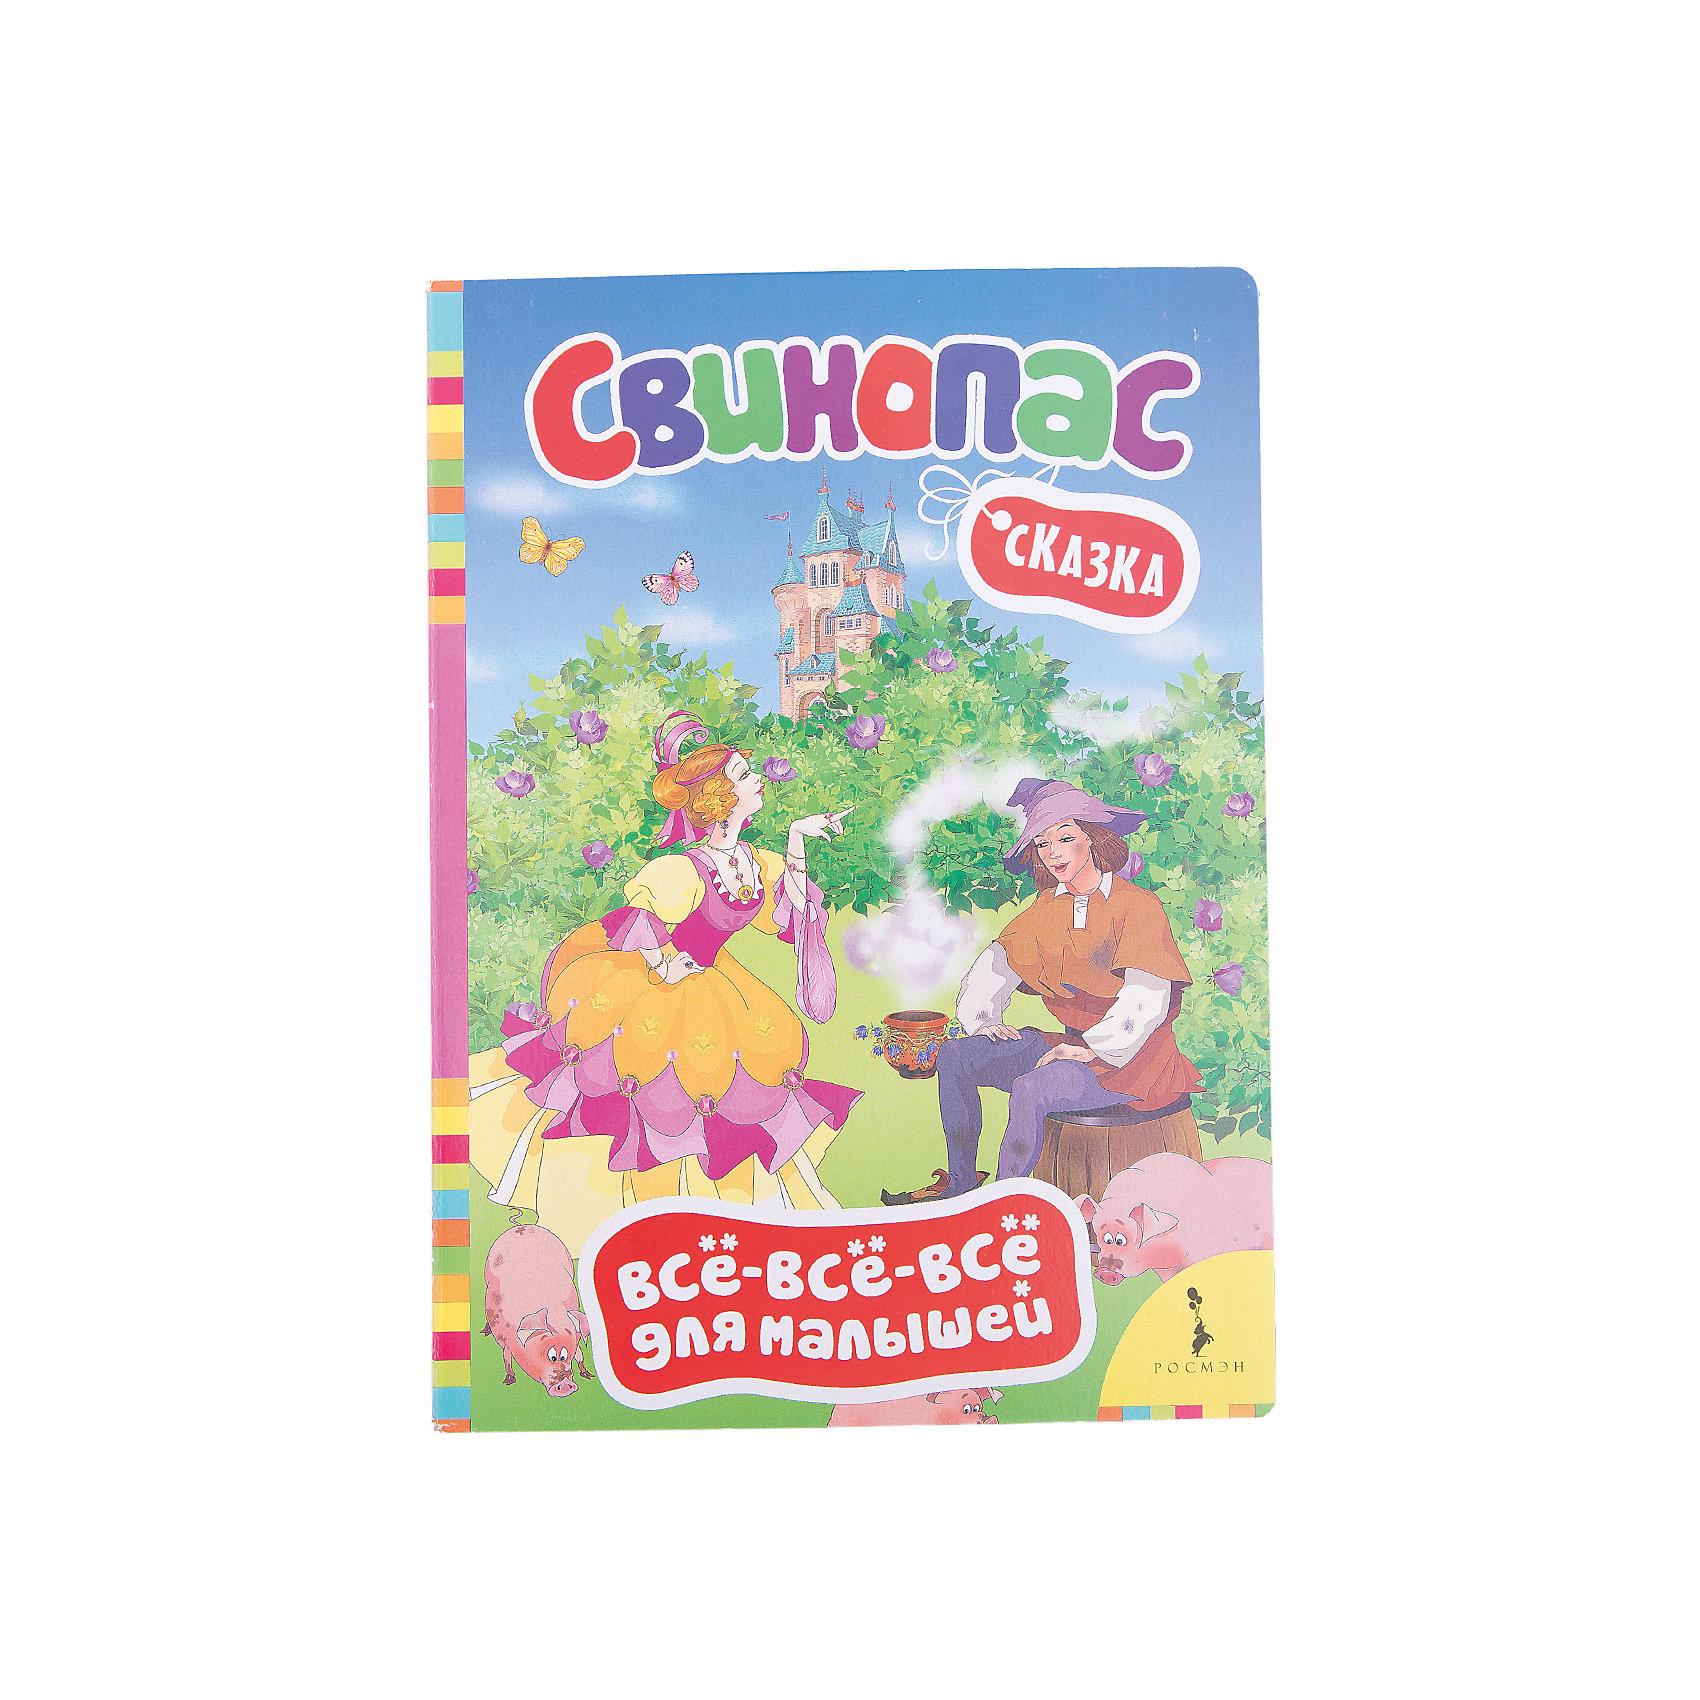 Х.-К. Андерсен. Свинопас, Всё-всё-всё для малышейЗарубежные сказки<br>Характеристики товара:<br><br>- цвет: разноцветный;<br>- материал: бумага;<br>- страниц: 8;<br>- формат: 16 х 22 см;<br>- обложка: твердая;<br>- иллюстрации.<br><br>Эта интересная книга с иллюстрациями станет отличным подарком для ребенка. Она поможет малышу расширить словарный запас и узнать известную поучительную сказку, которую любит не одно поколение. Талантливый иллюстратор дополнил книгу качественными рисунками, которые помогают ребенку познавать мир.<br>Чтение - отличный способ активизации мышления, оно помогает ребенку развивать зрительную память, концентрацию внимания и воображение. Издание произведено из качественных материалов, которые безопасны даже для самых маленьких.<br><br>Книгу Х.-К. Андерсен. Свинопас, Всё-всё-всё для малышей от компании Росмэн можно купить в нашем интернет-магазине.<br><br>Ширина мм: 220<br>Глубина мм: 160<br>Высота мм: 5<br>Вес г: 113<br>Возраст от месяцев: 0<br>Возраст до месяцев: 36<br>Пол: Унисекс<br>Возраст: Детский<br>SKU: 5110238